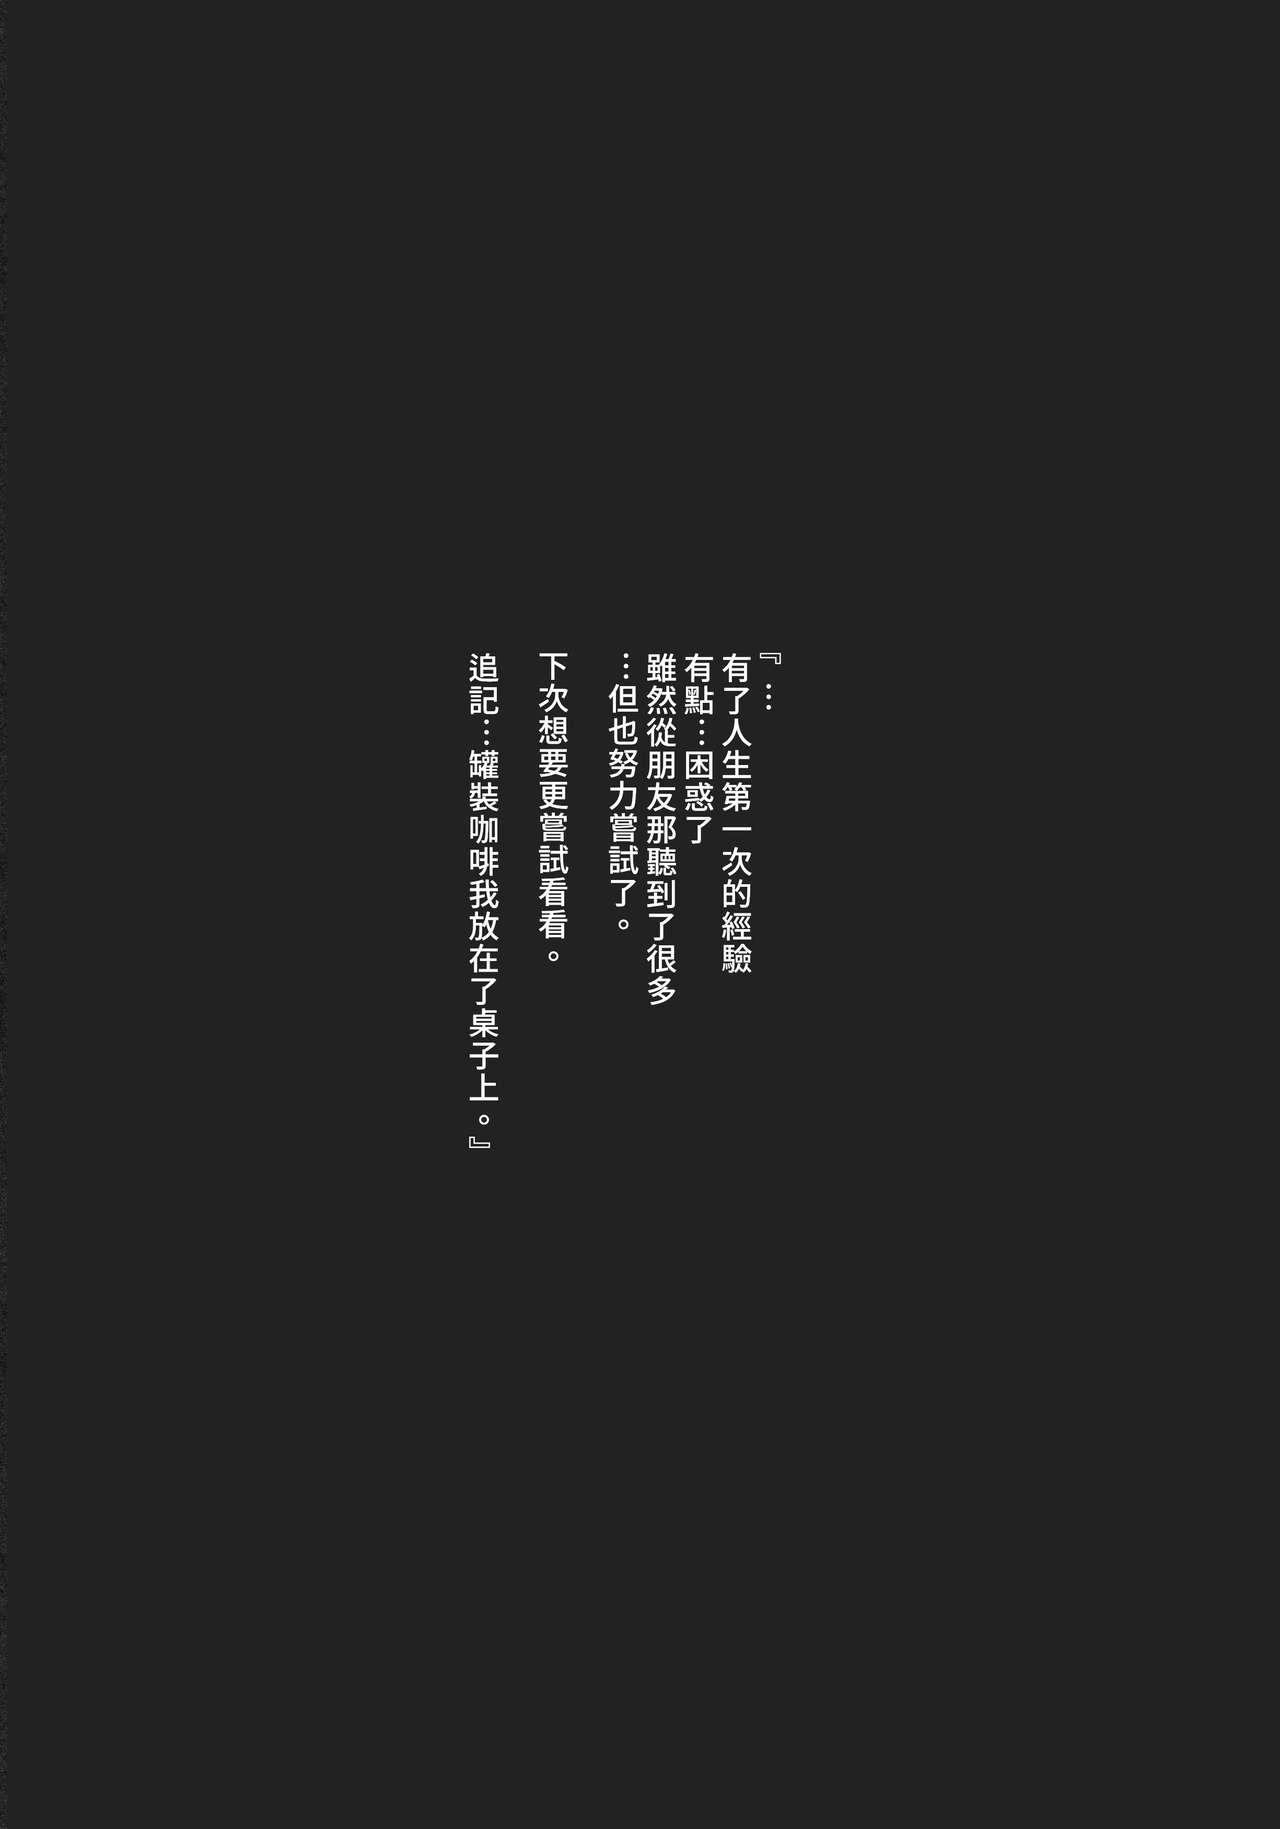 Kyou no Dekigoto Asakura Toru 21